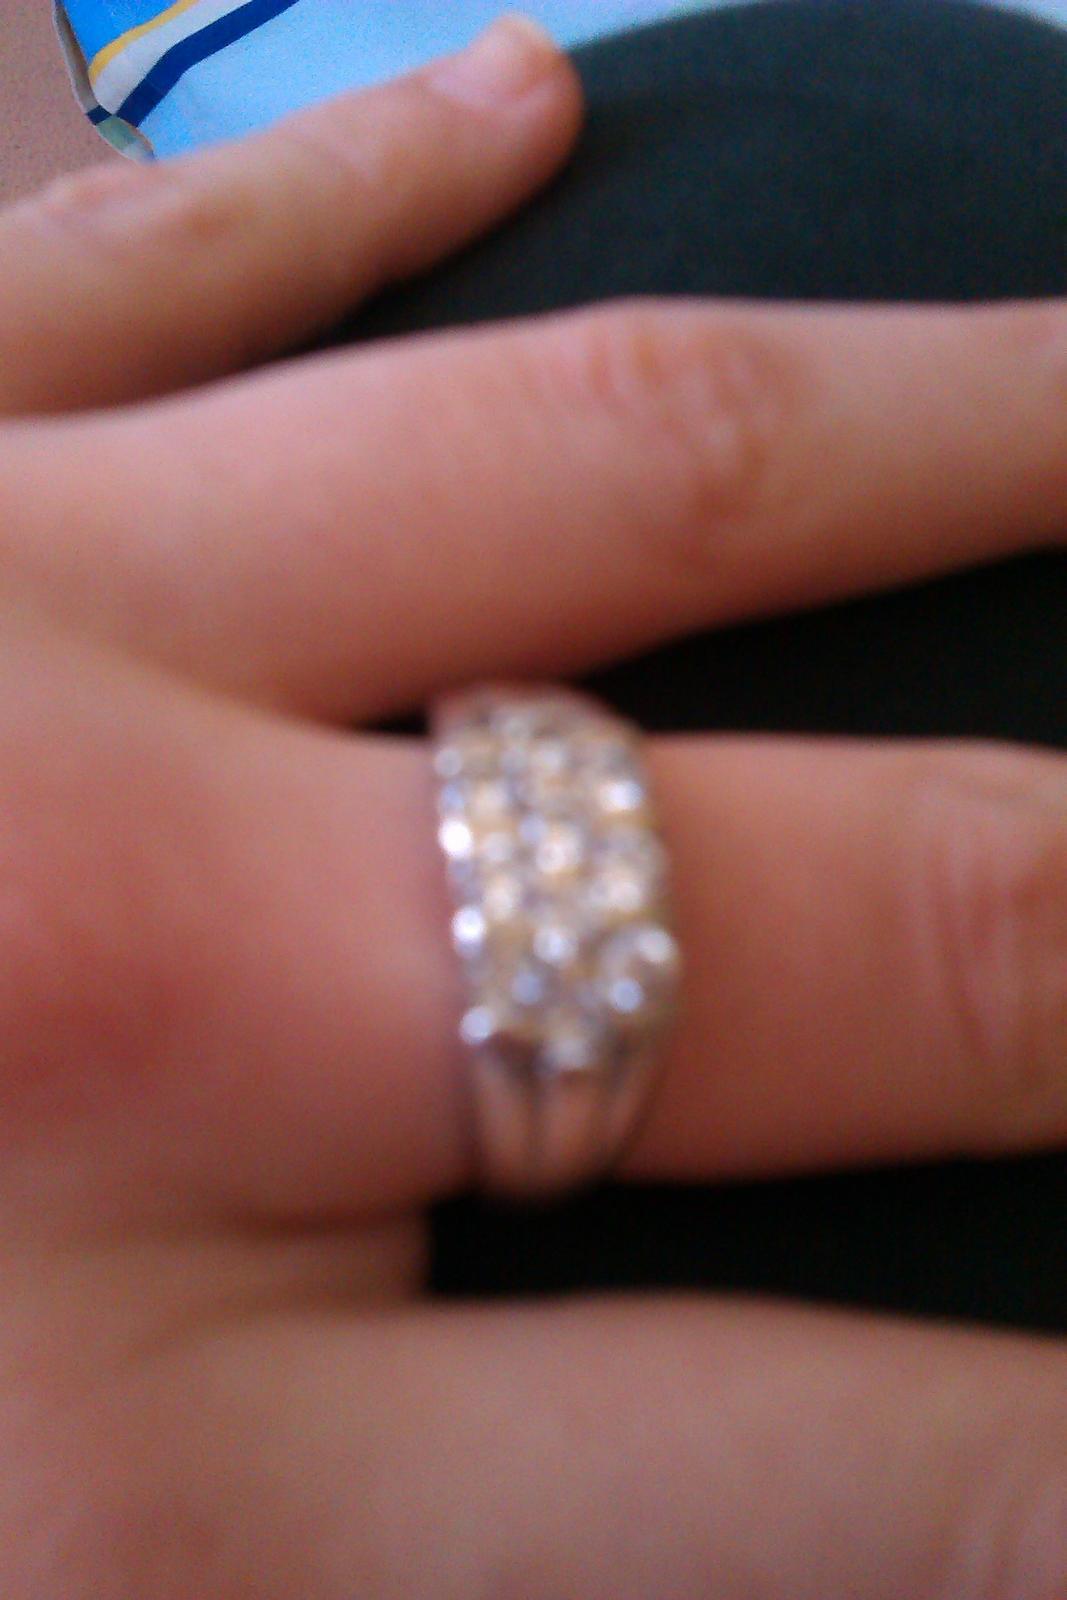 Strieborný prsteň - Obrázok č. 2